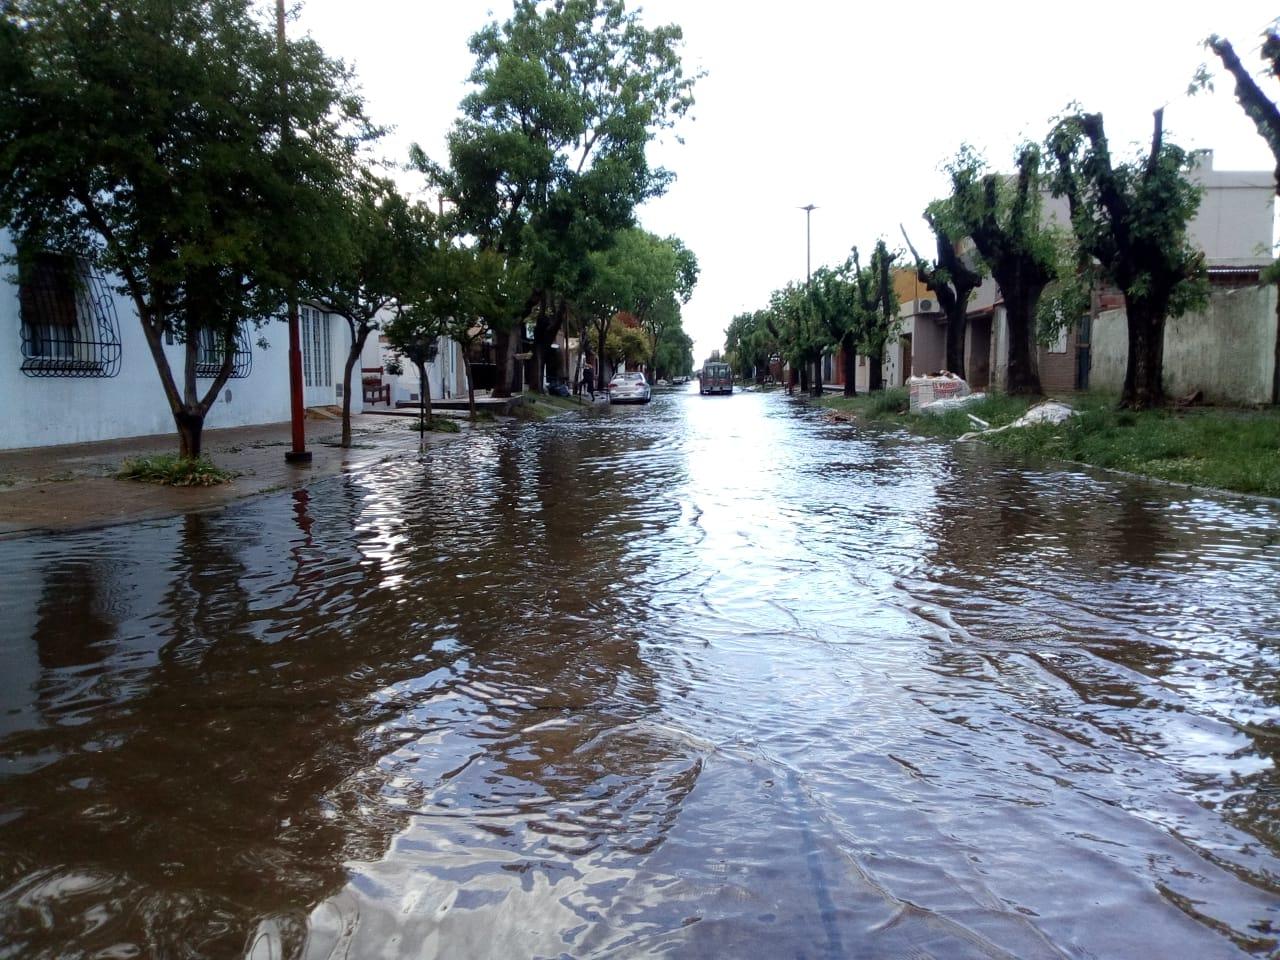 La Seccional Colón de Defensa Civil informó a los vecinos colonenses que el Servicio Meteorológico anunció la posibilidad de un acontecimiento climático para este fin de semana, en cuanto a la posibilidad de abundante caída de lluvia.